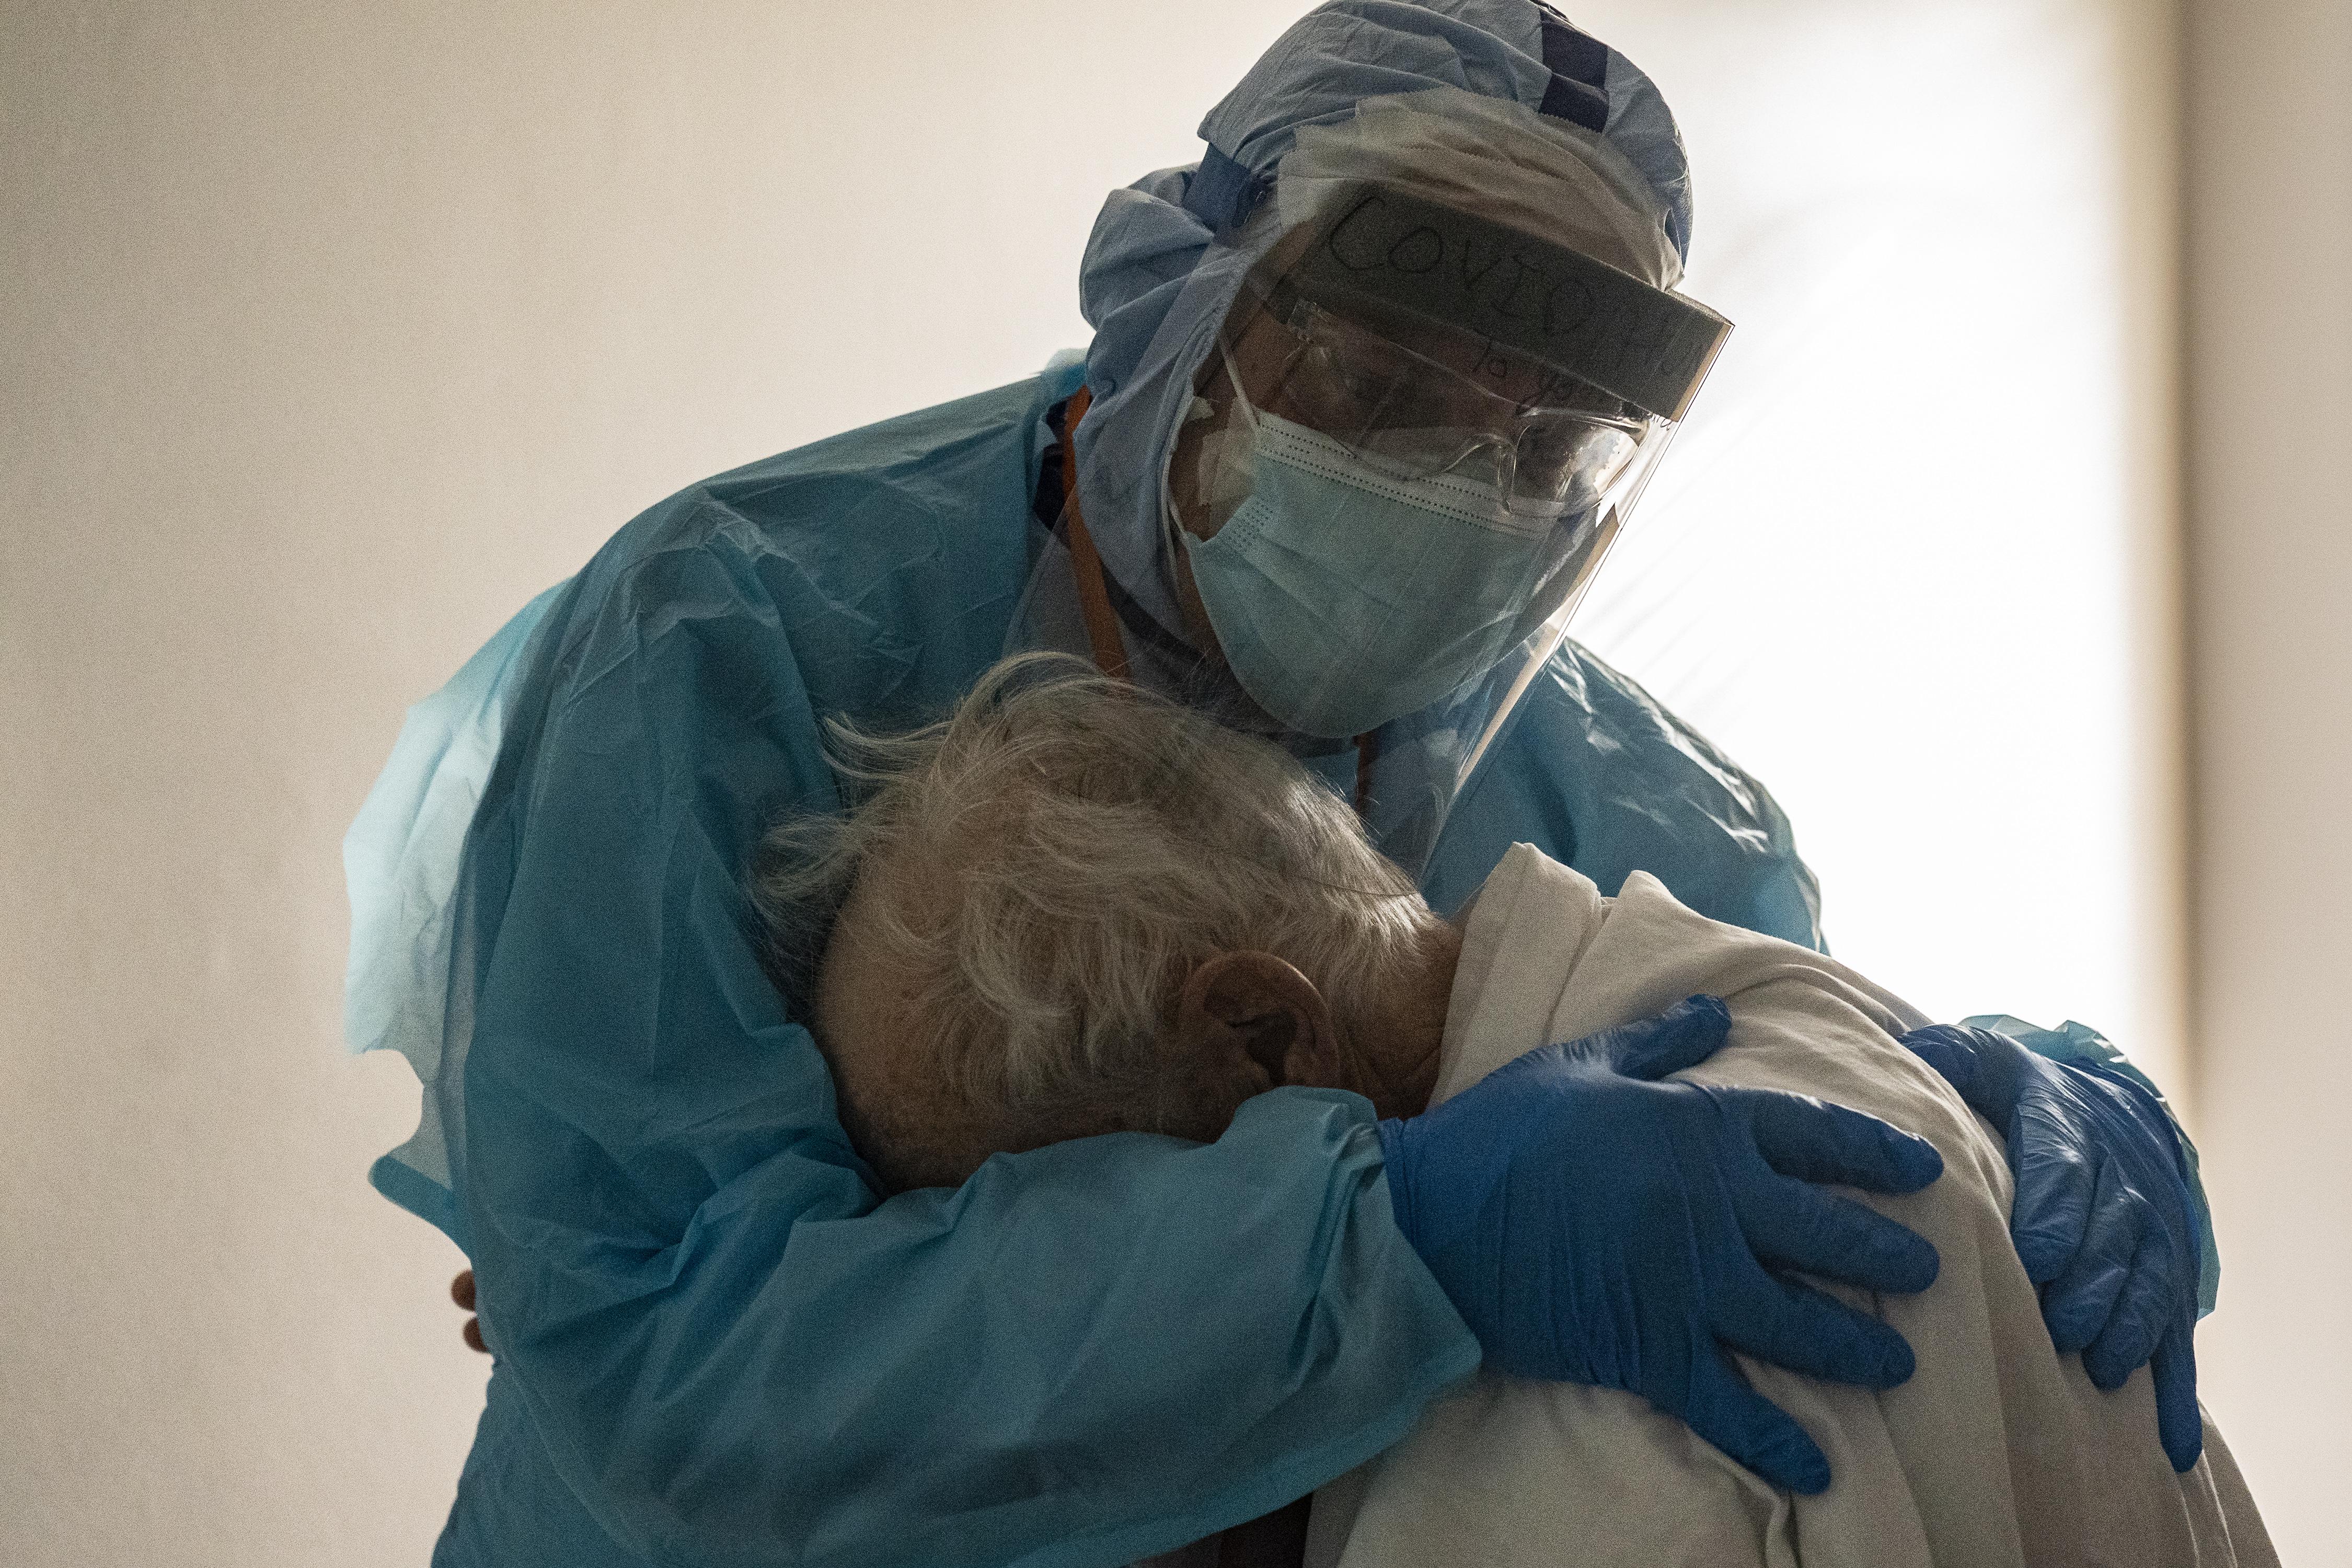 El Dr. Joseph Varon abraza y consuela a un paciente en la unidad de cuidados intensivos (UCI) COVID-19 durante el Día de Acción de Gracias en el United Memorial Medical Center el 26 de noviembre de 2020 en Houston, Texas.